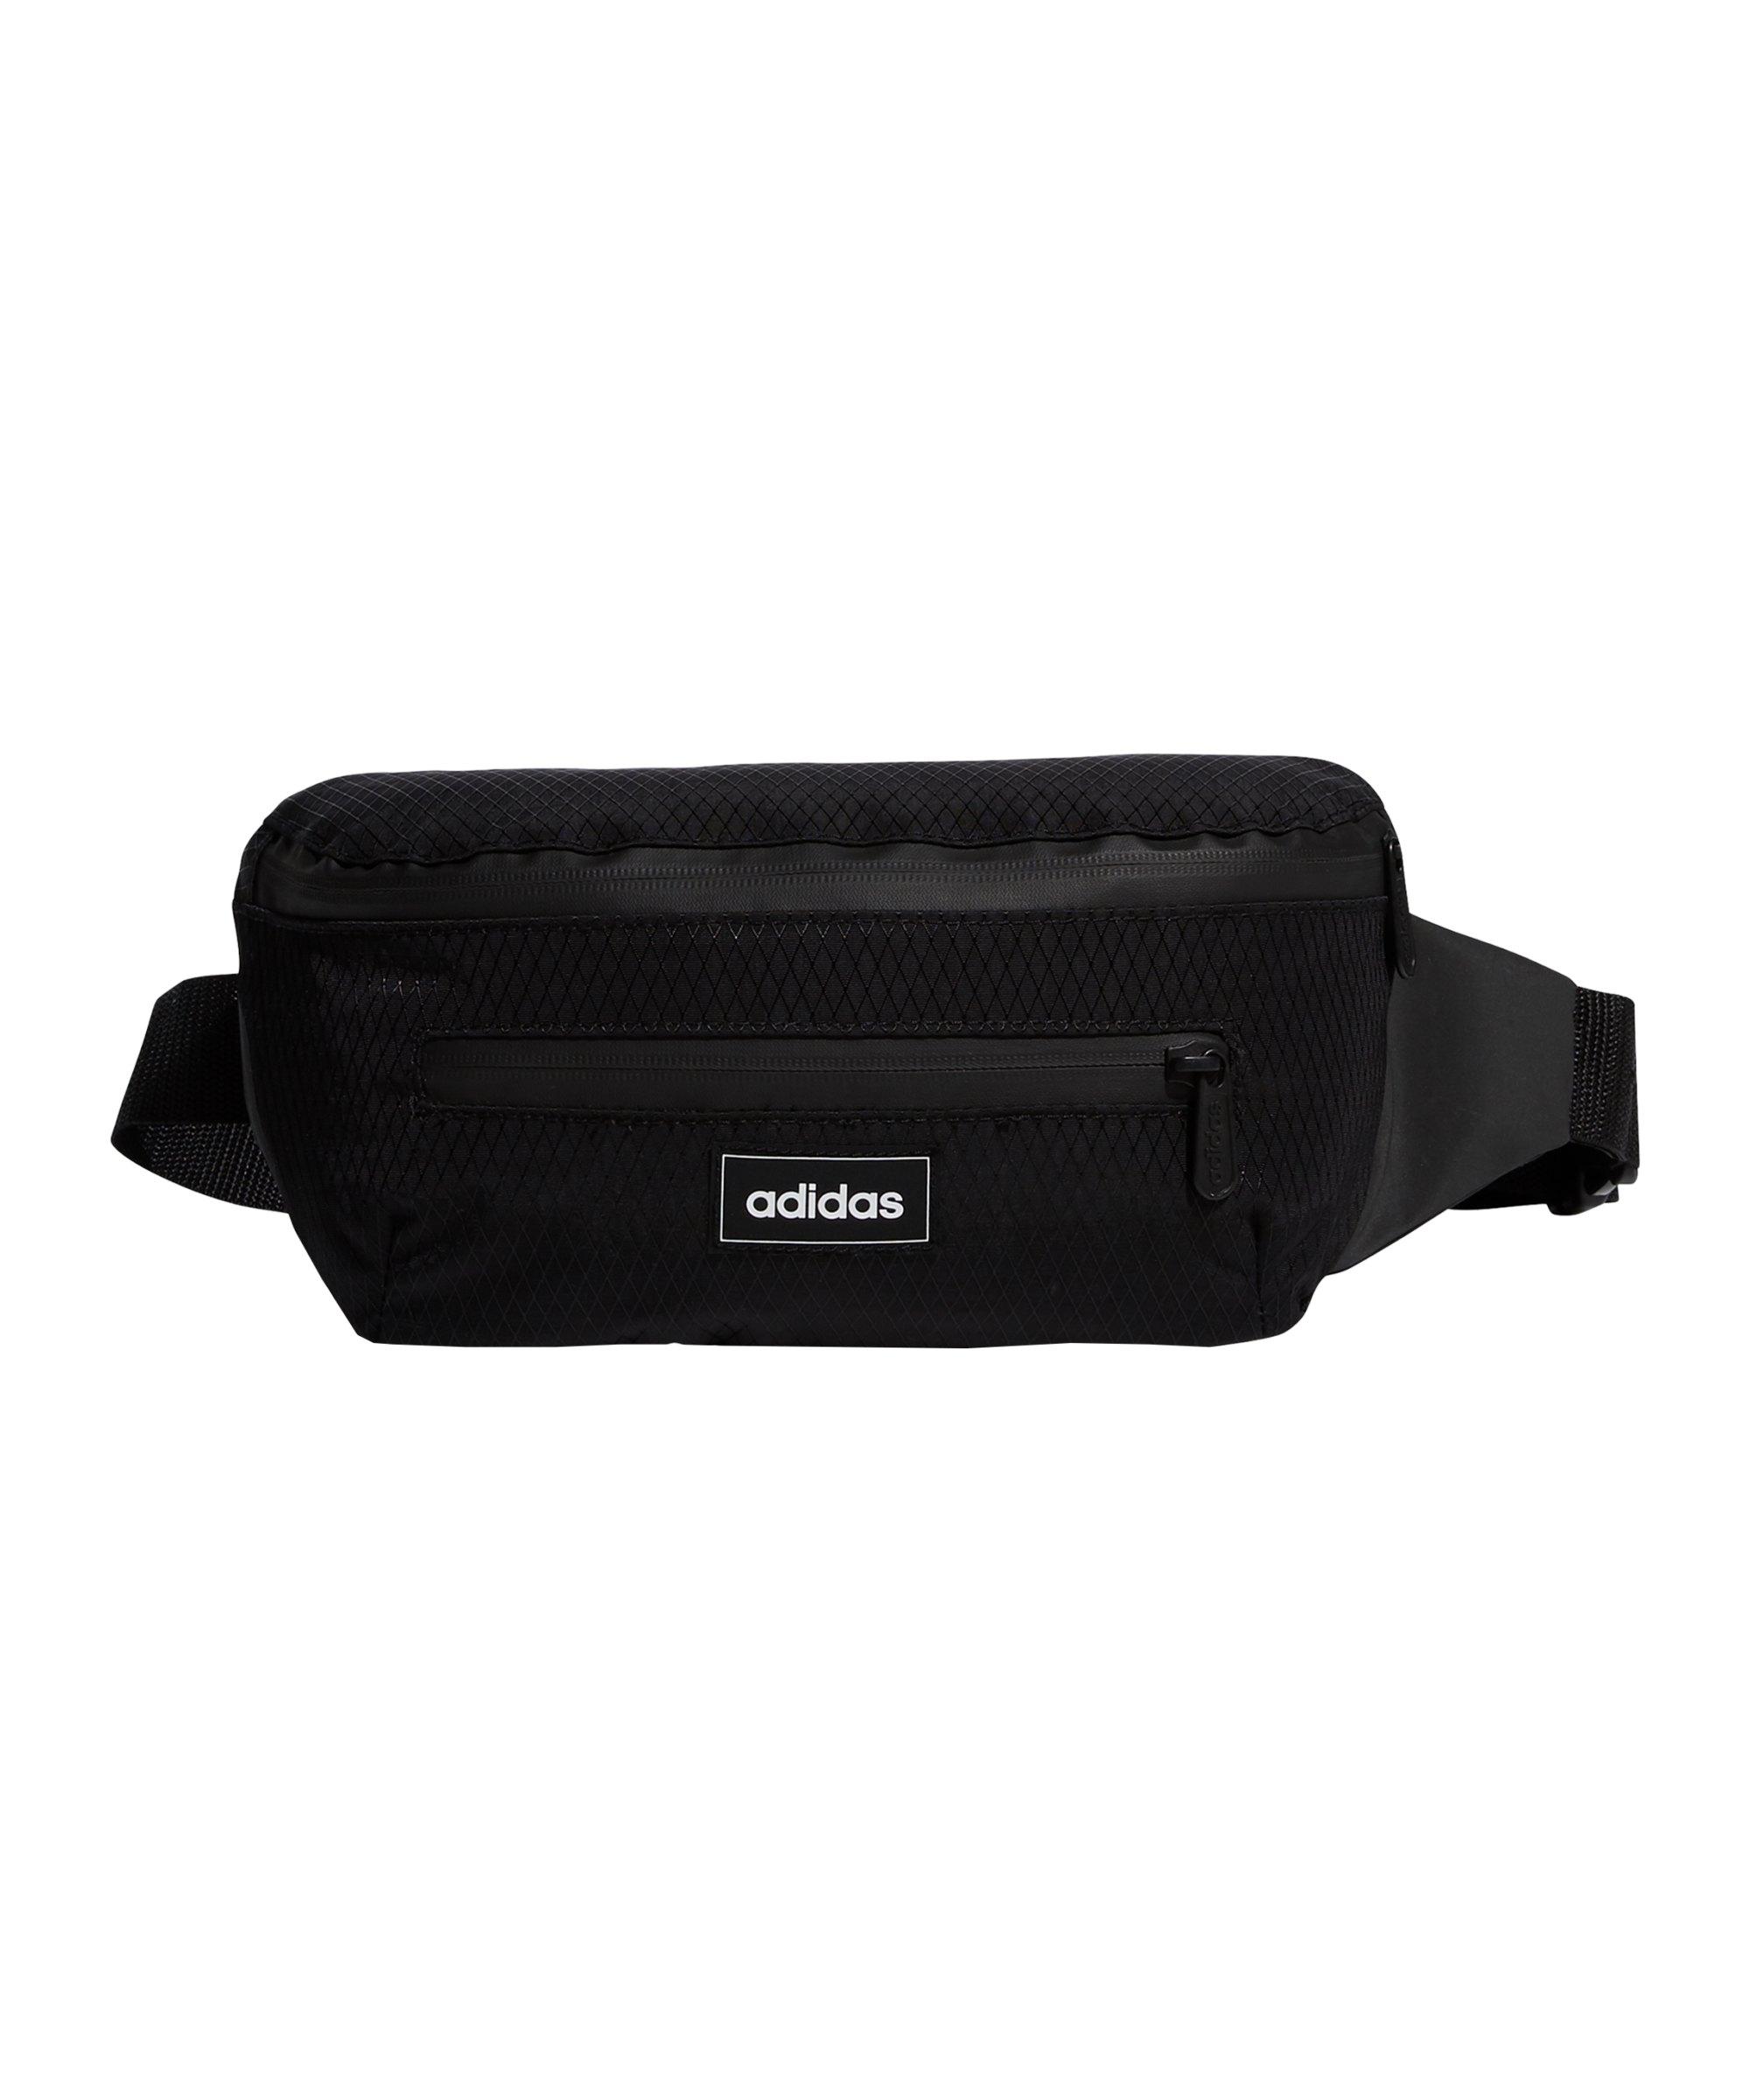 adidas Urban Hüfttasche Schwarz - schwarz